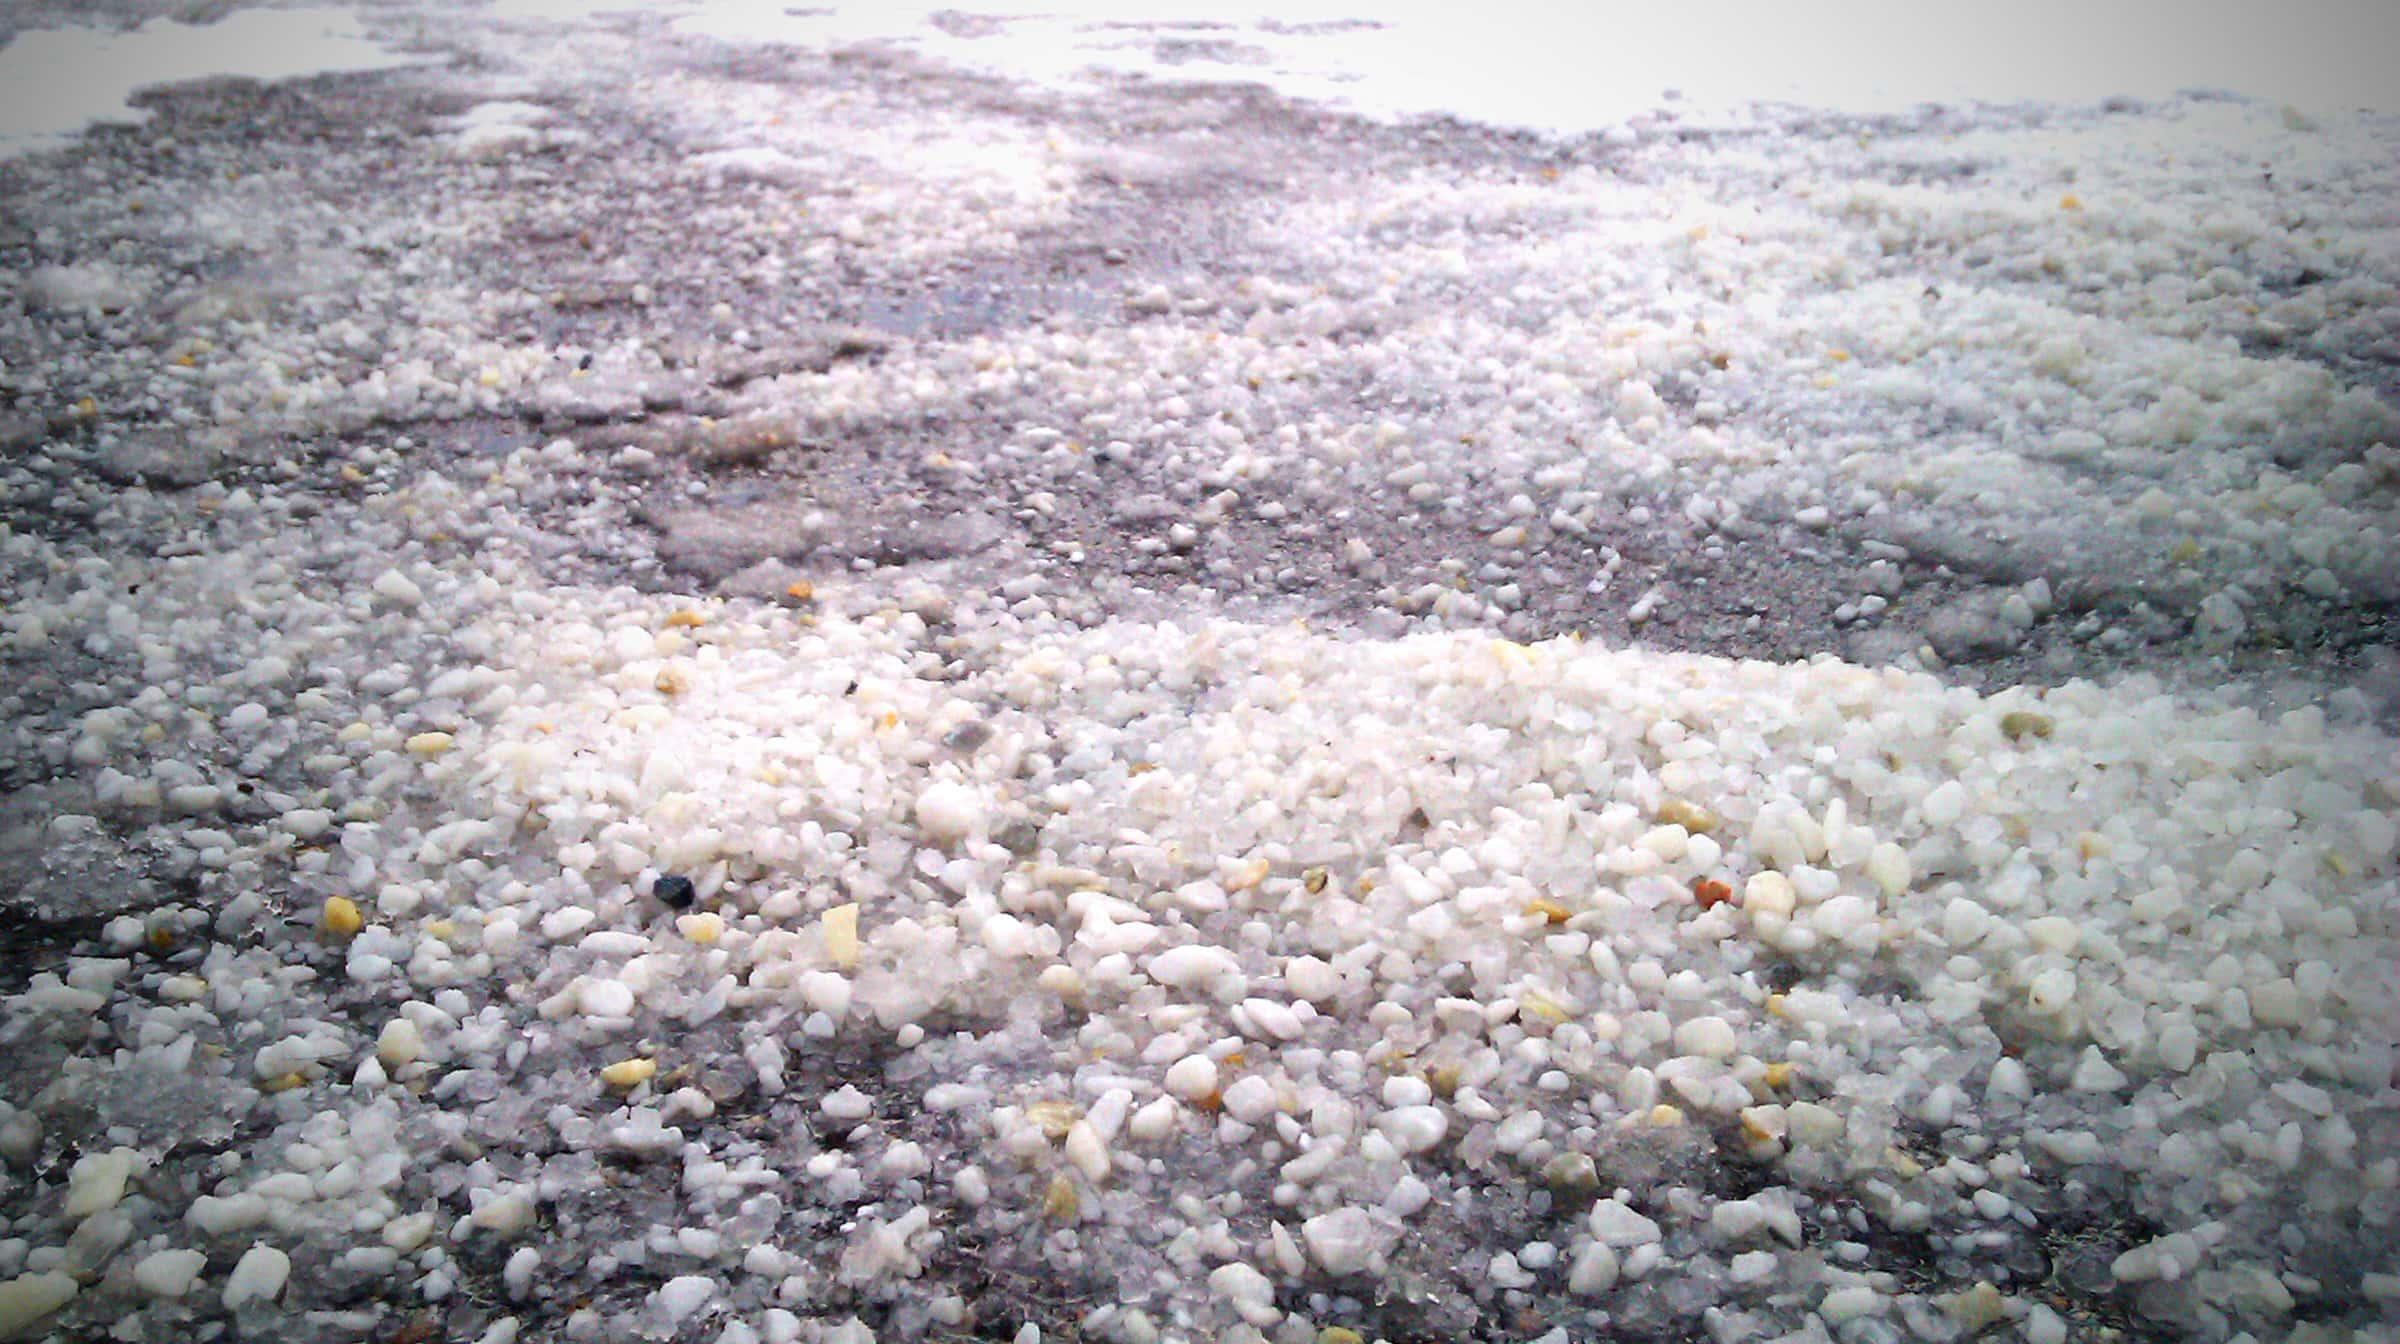 Остатки солевых смесей на дорогах